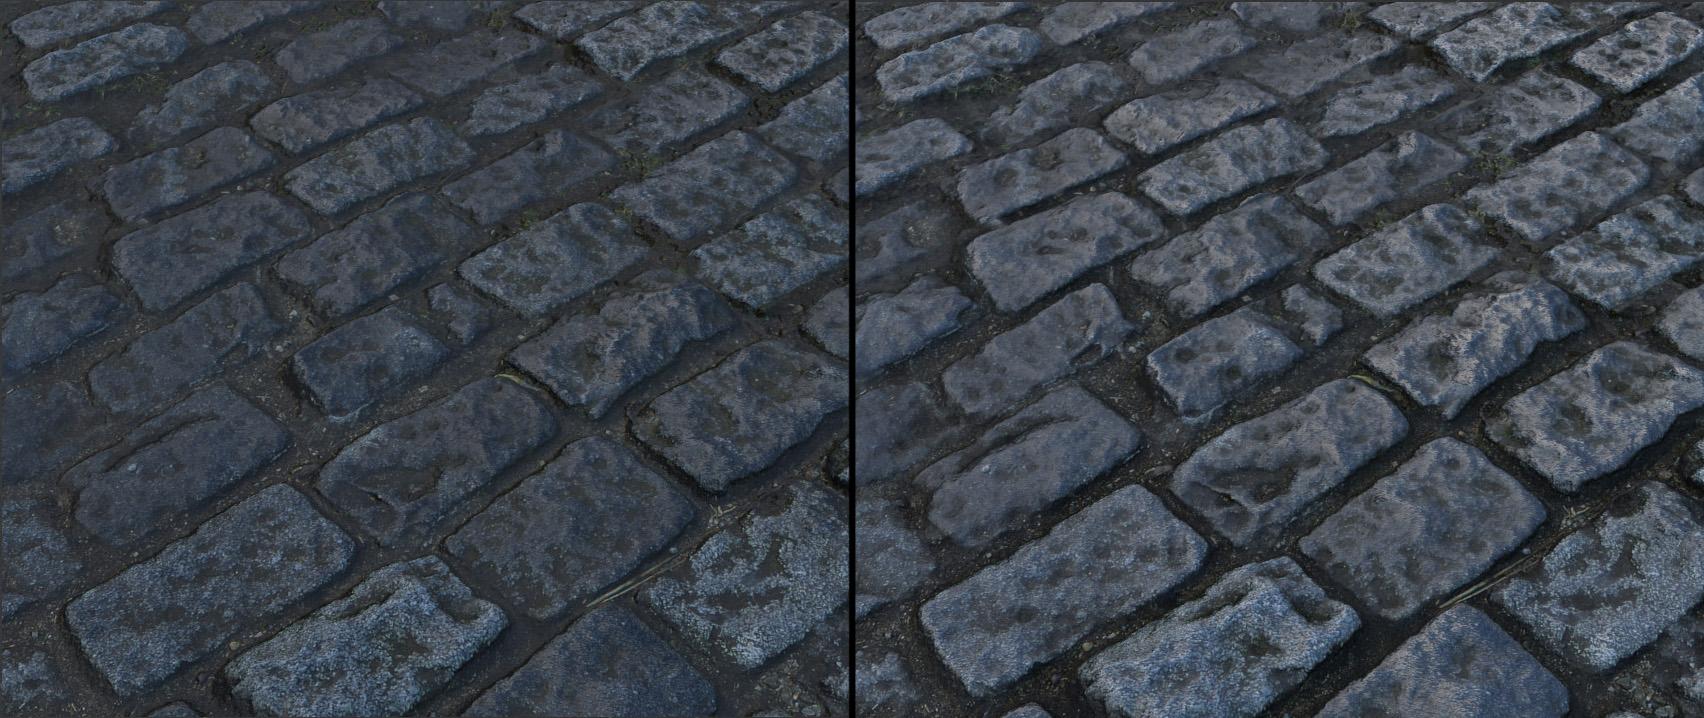 Создание камней для игр с помощью фотограмметрии - 25